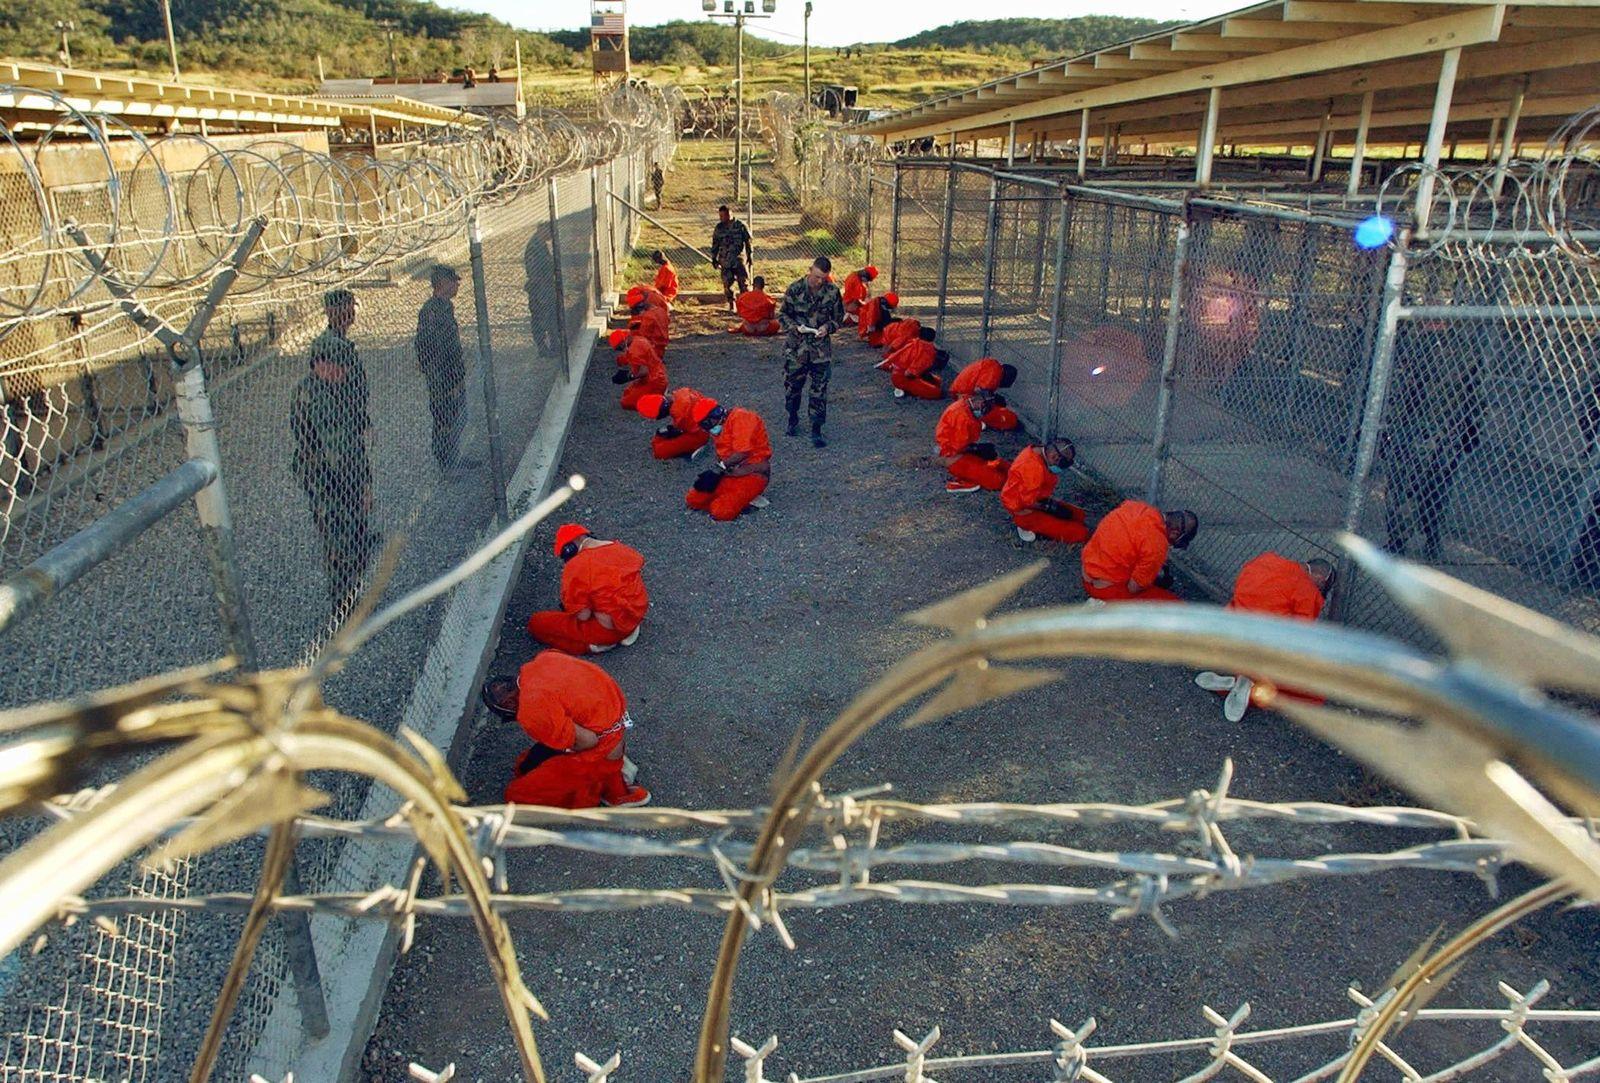 NICHT VERWENDEN Guantanamo